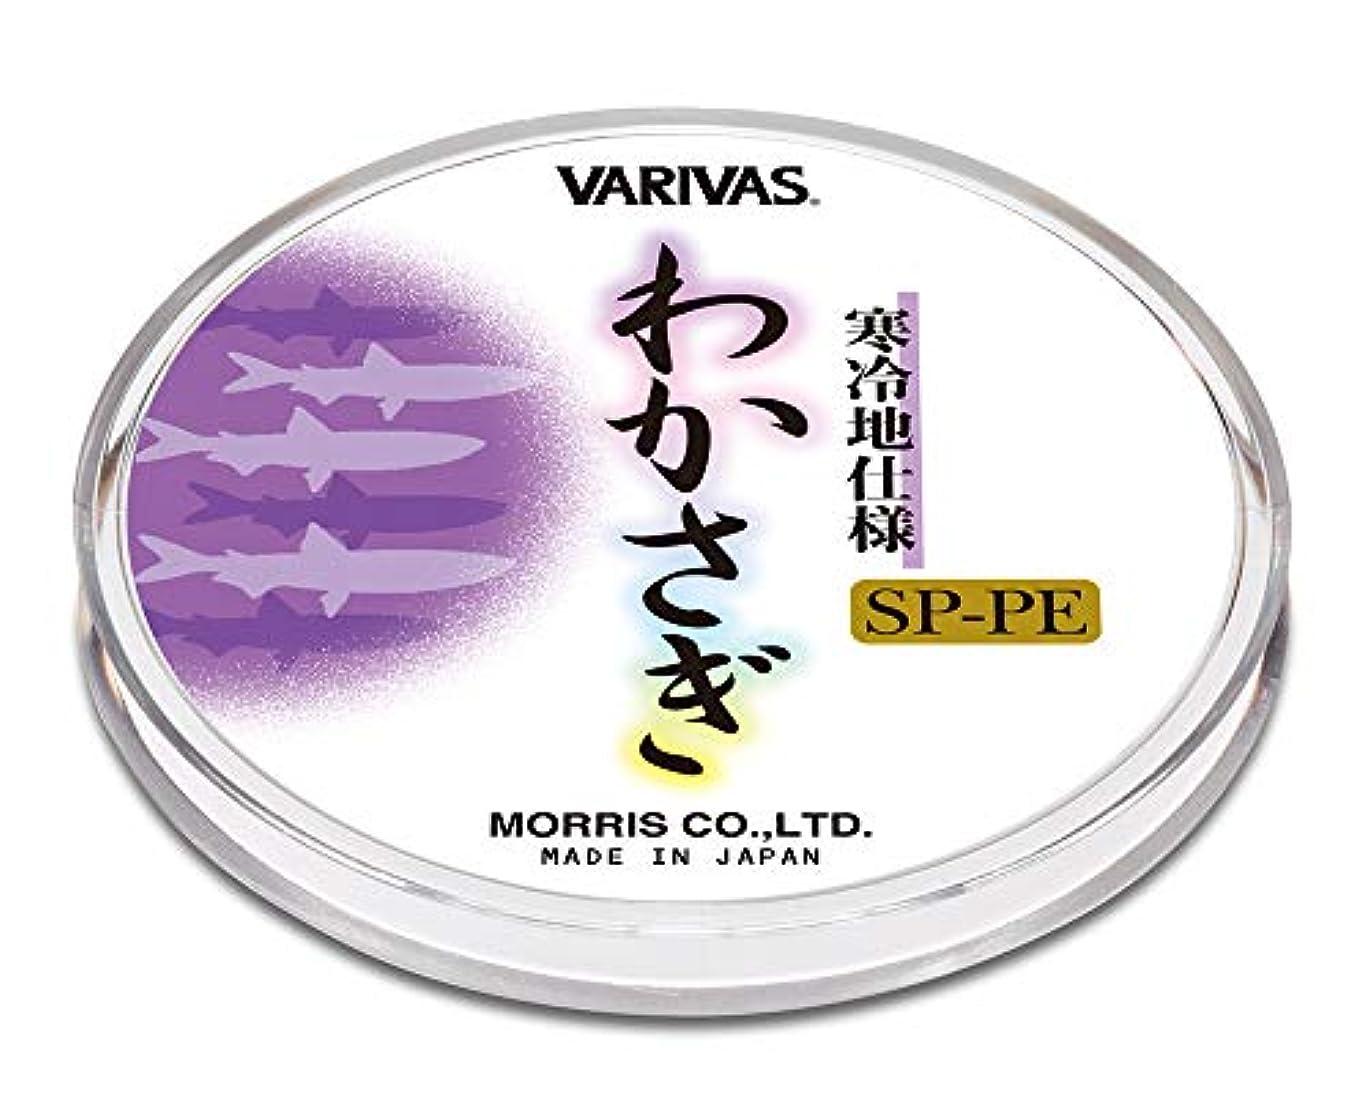 VARIVAS(バリバス) ライン ワカサギ専用PEライン パープル 30m 0.2号.